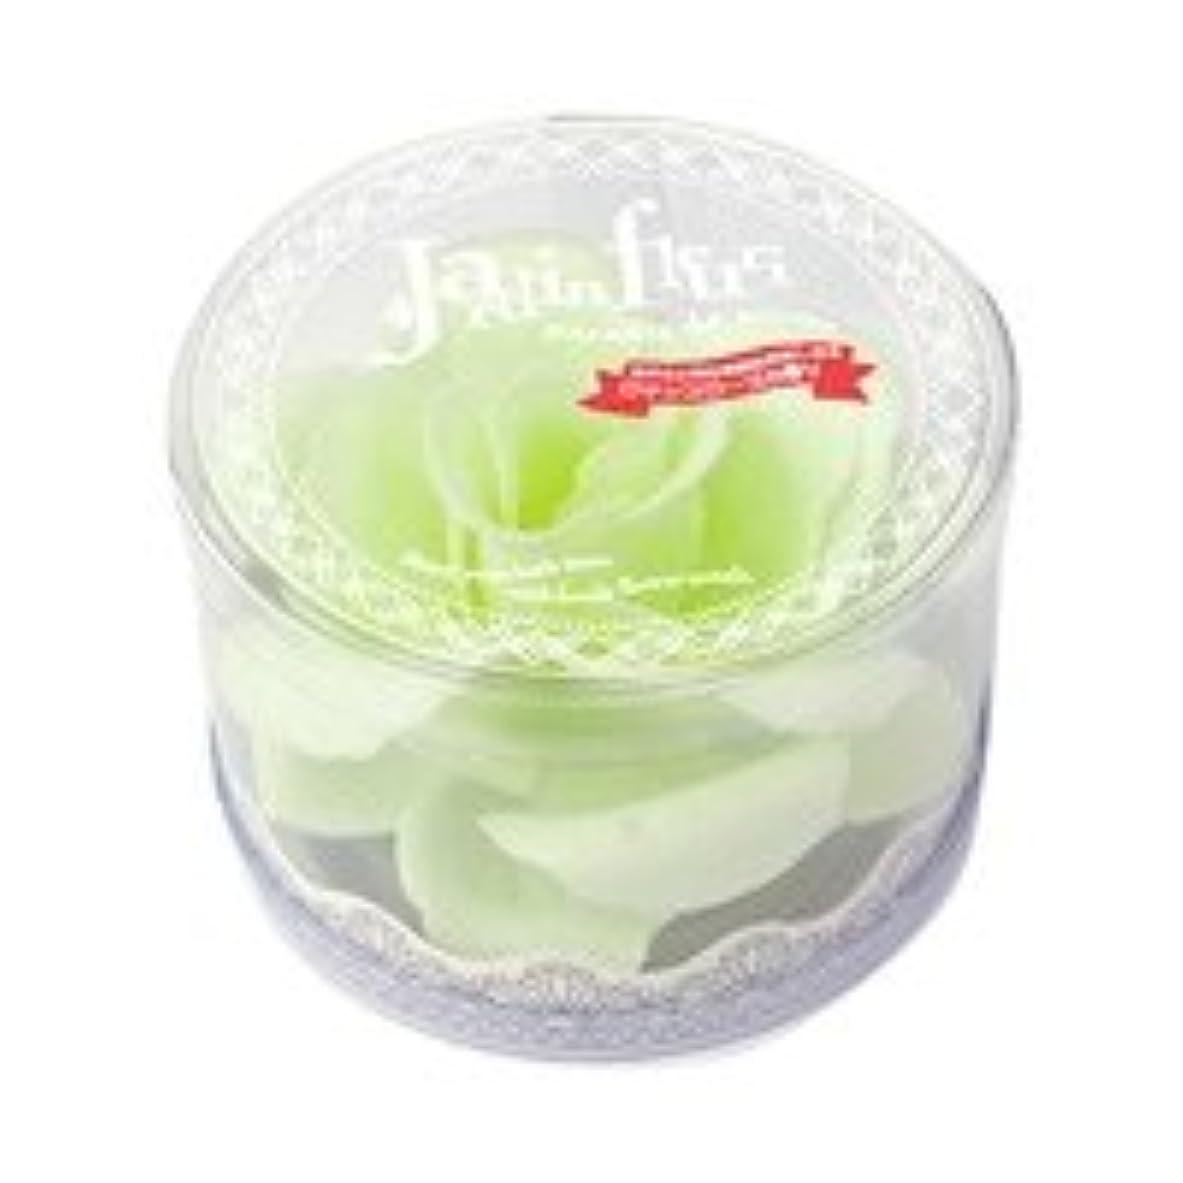 モート優雅ループジャンダンフルリ バスペタル ボックス「ペール グリーン」6個セット ロマンスローズの香り